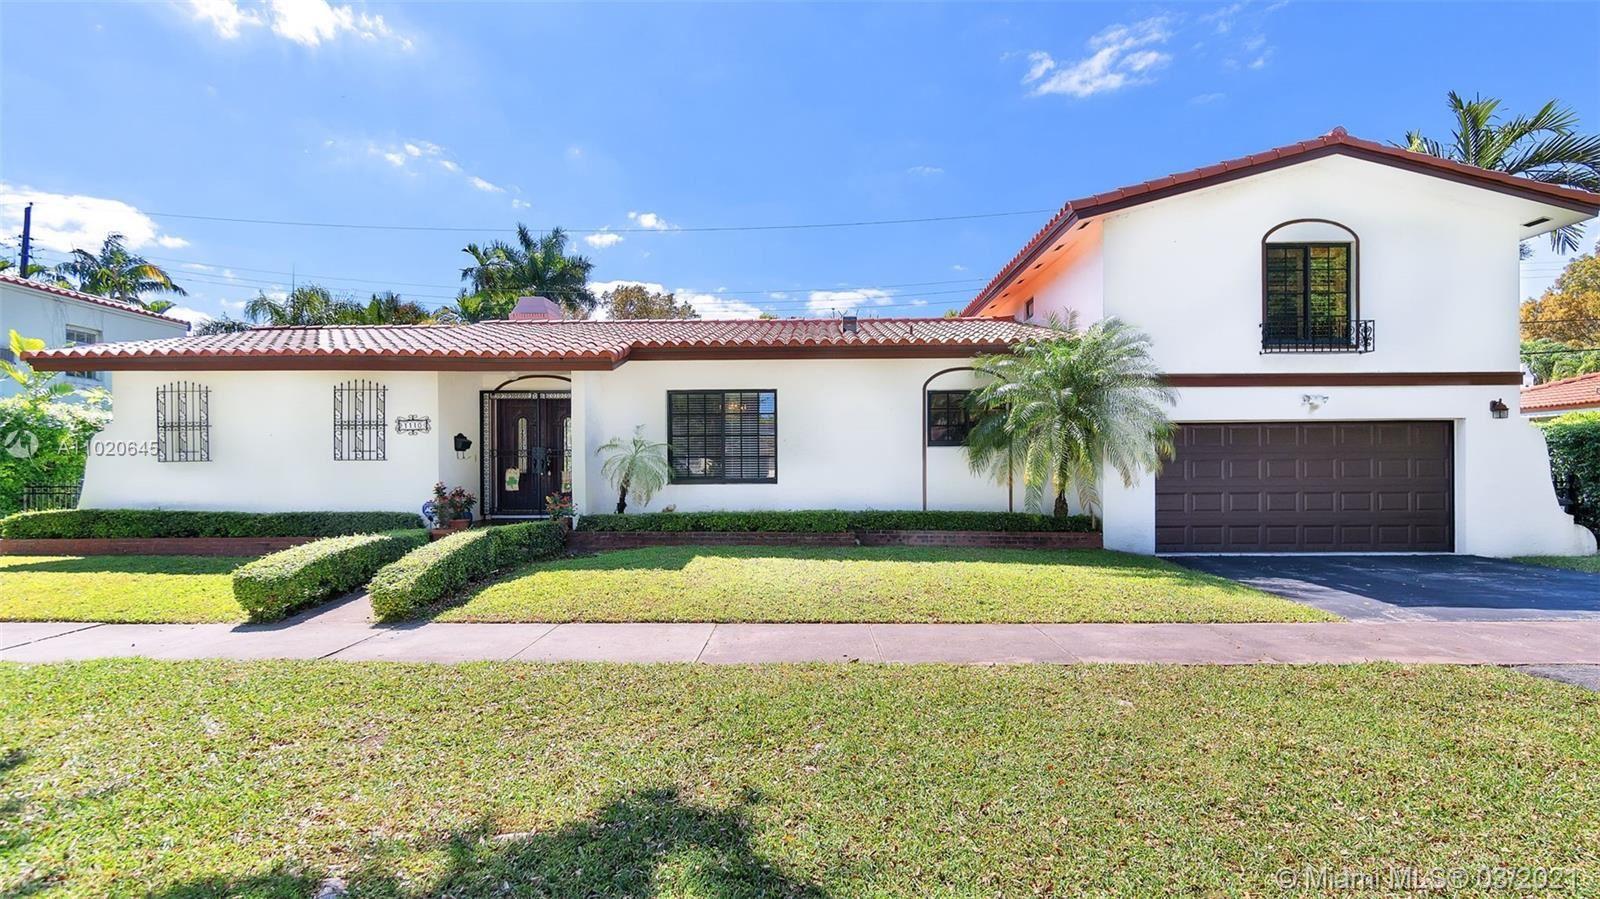 1110 Granada Blvd, Coral Gables, FL 33134 - #: A11020645